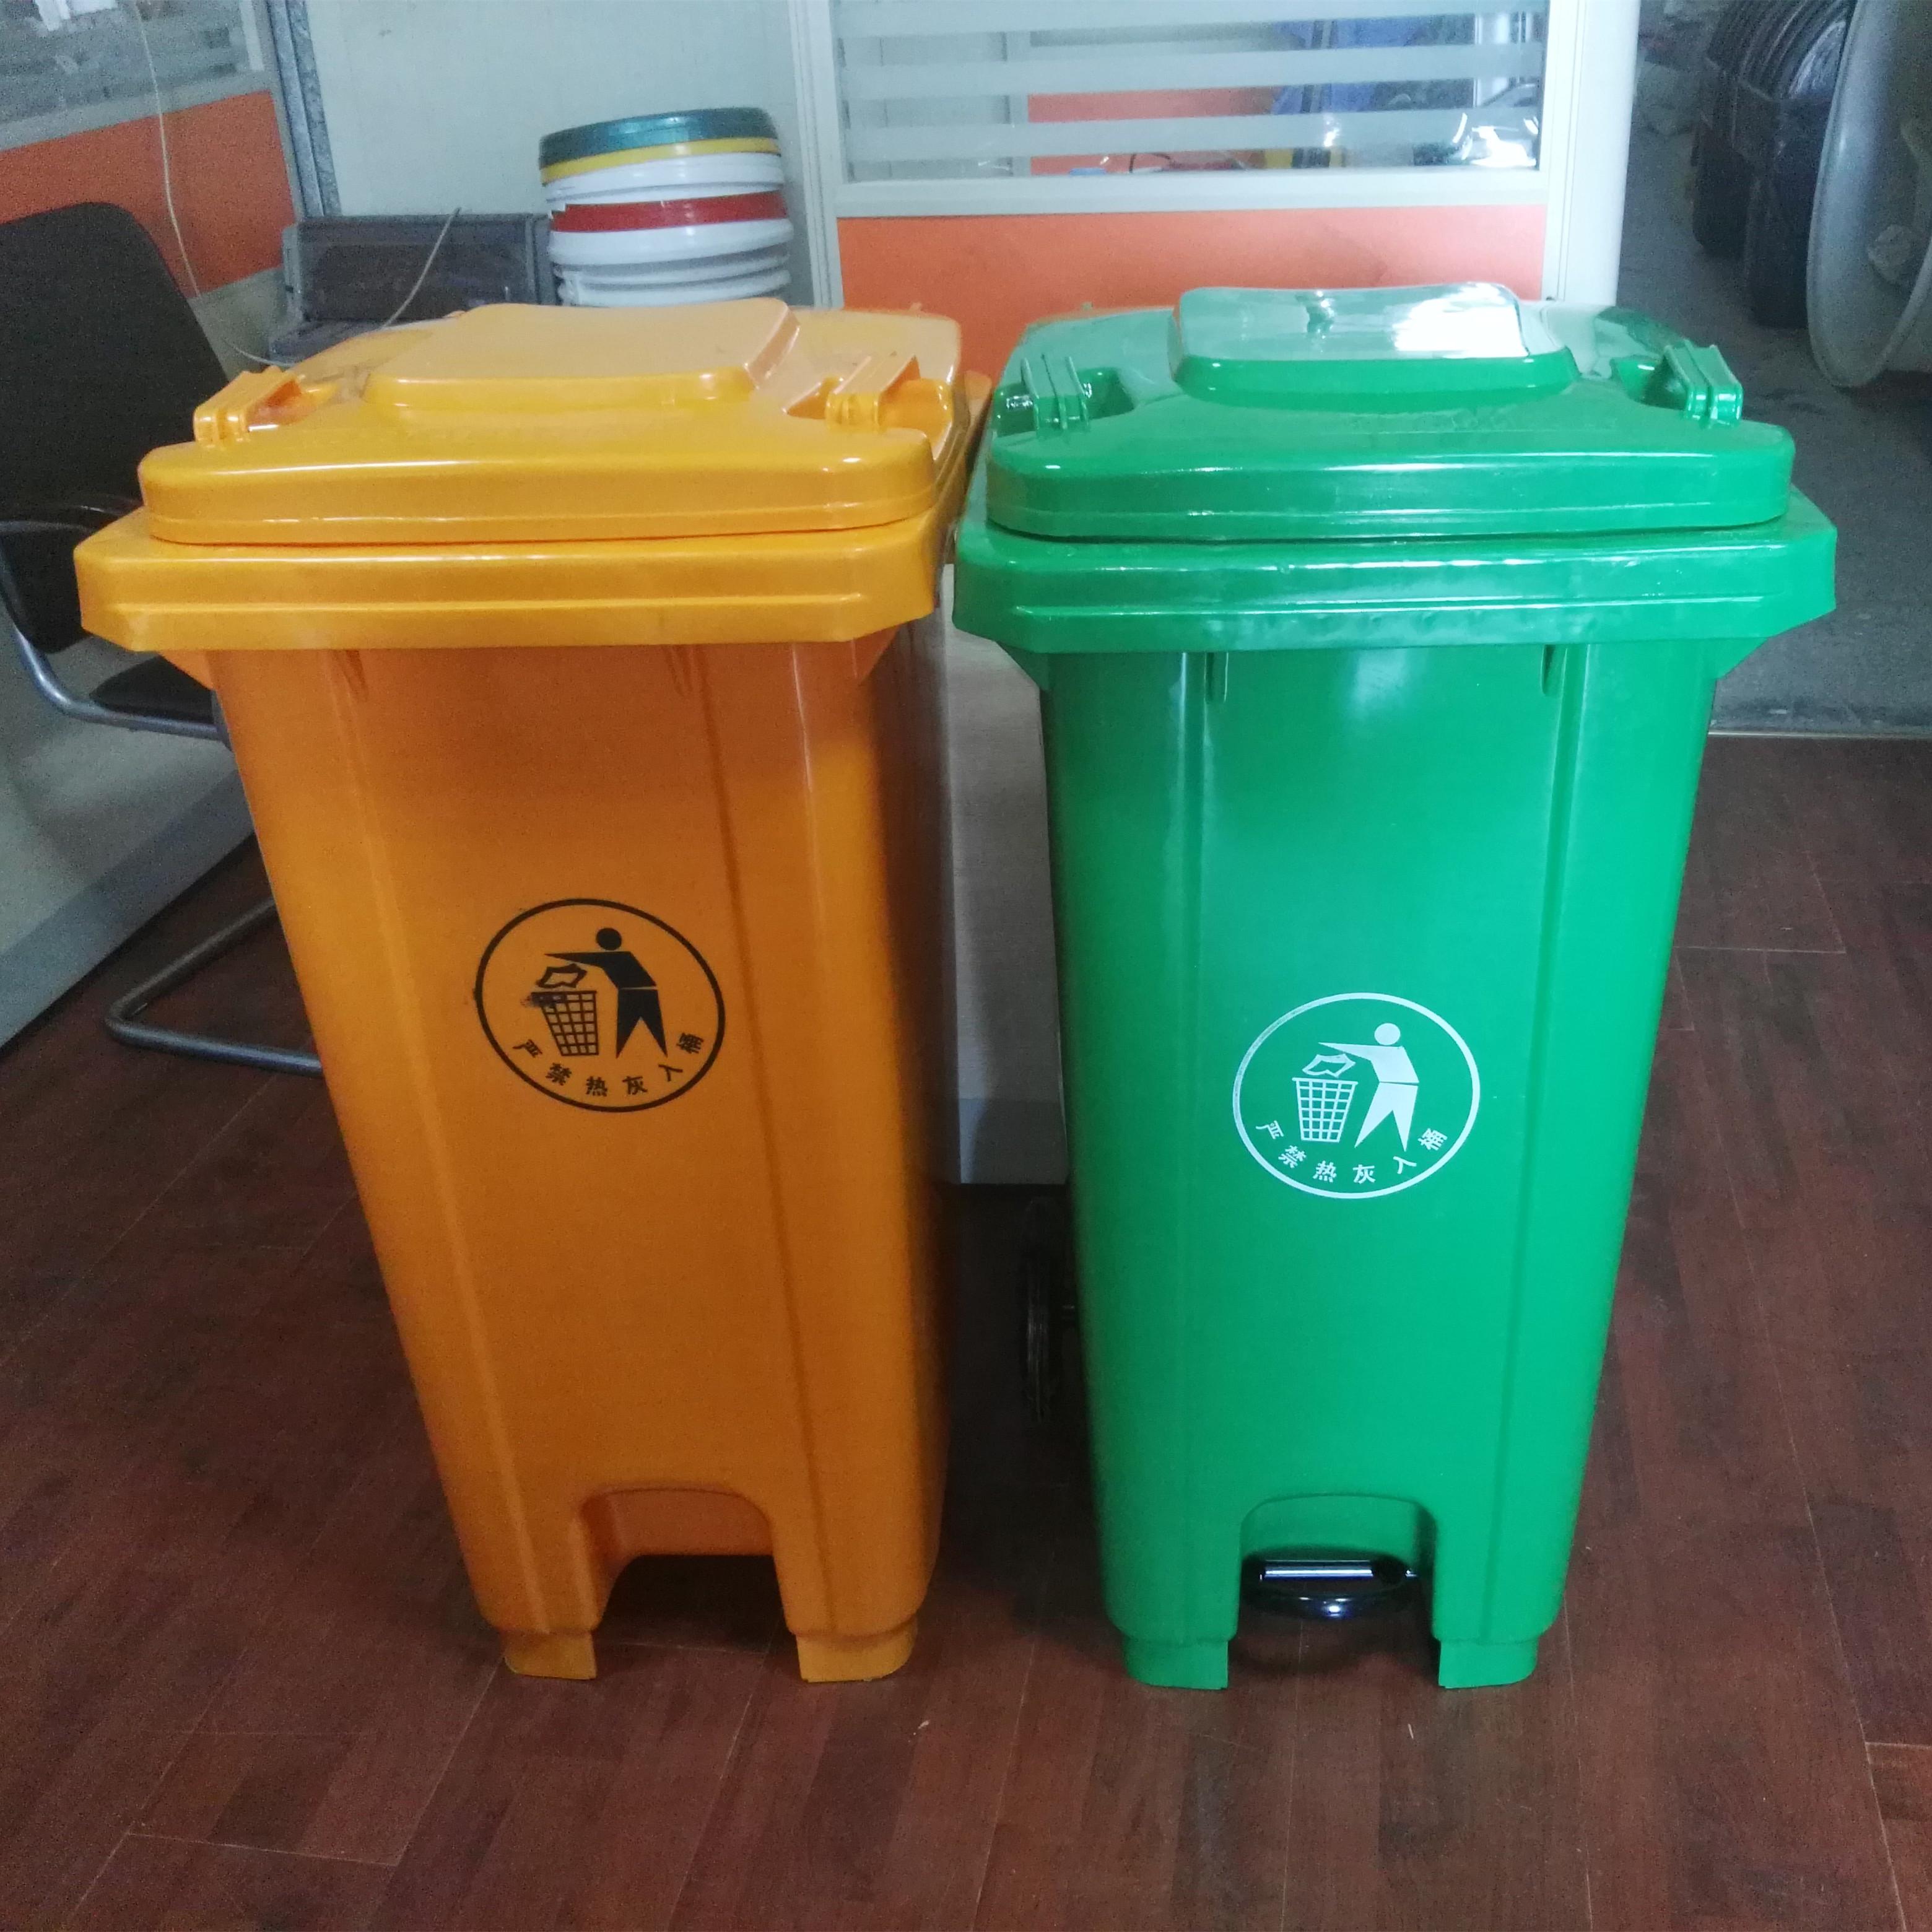 垃圾桶120升 中间踩-- 宿松县洲头乡金坝村日旺环卫制品经销处